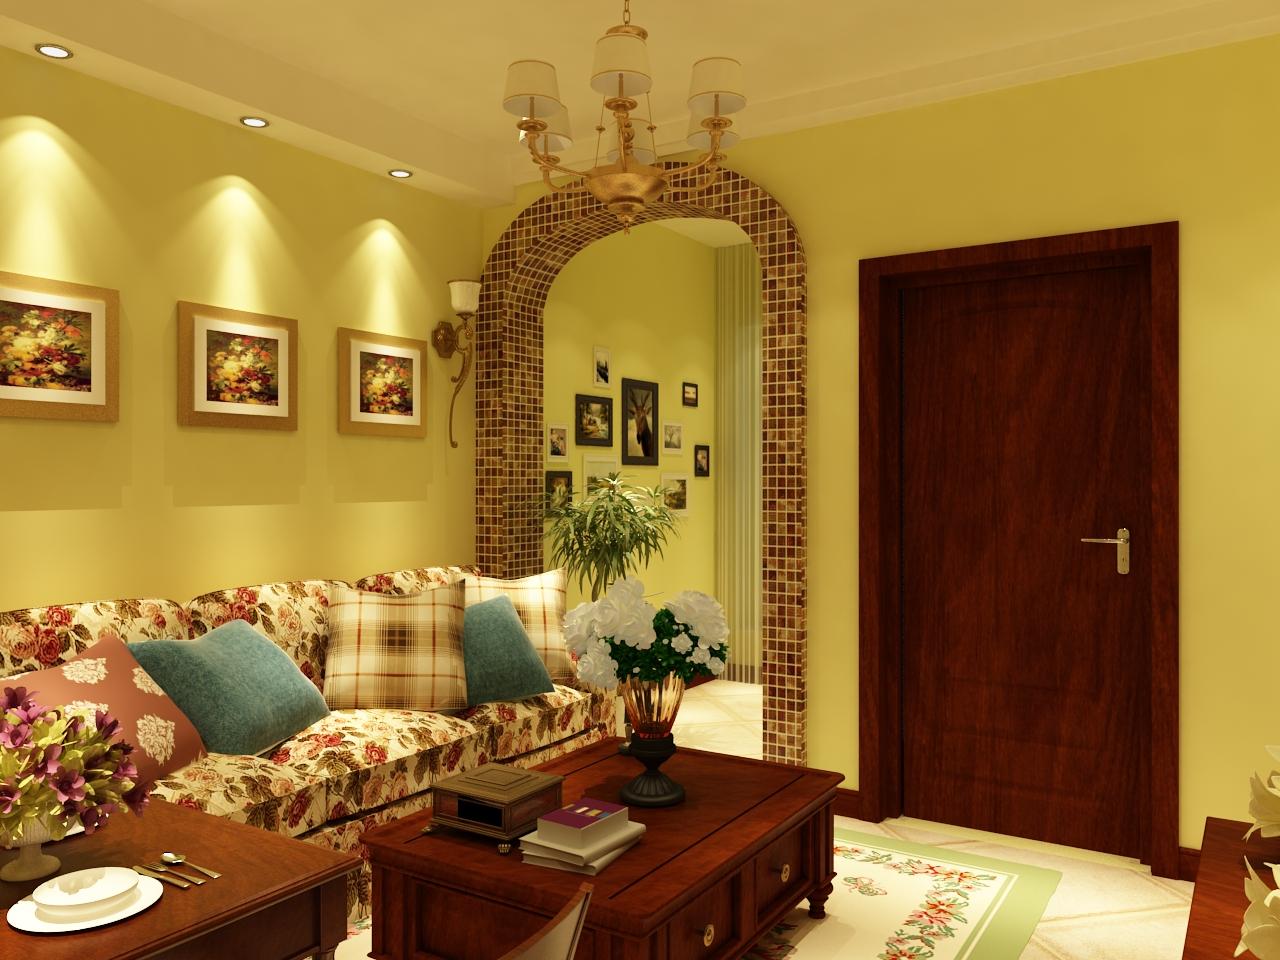 田园 二居 欧洲城 客厅图片来自百家设计小刘在欧洲城62平田园风格的分享